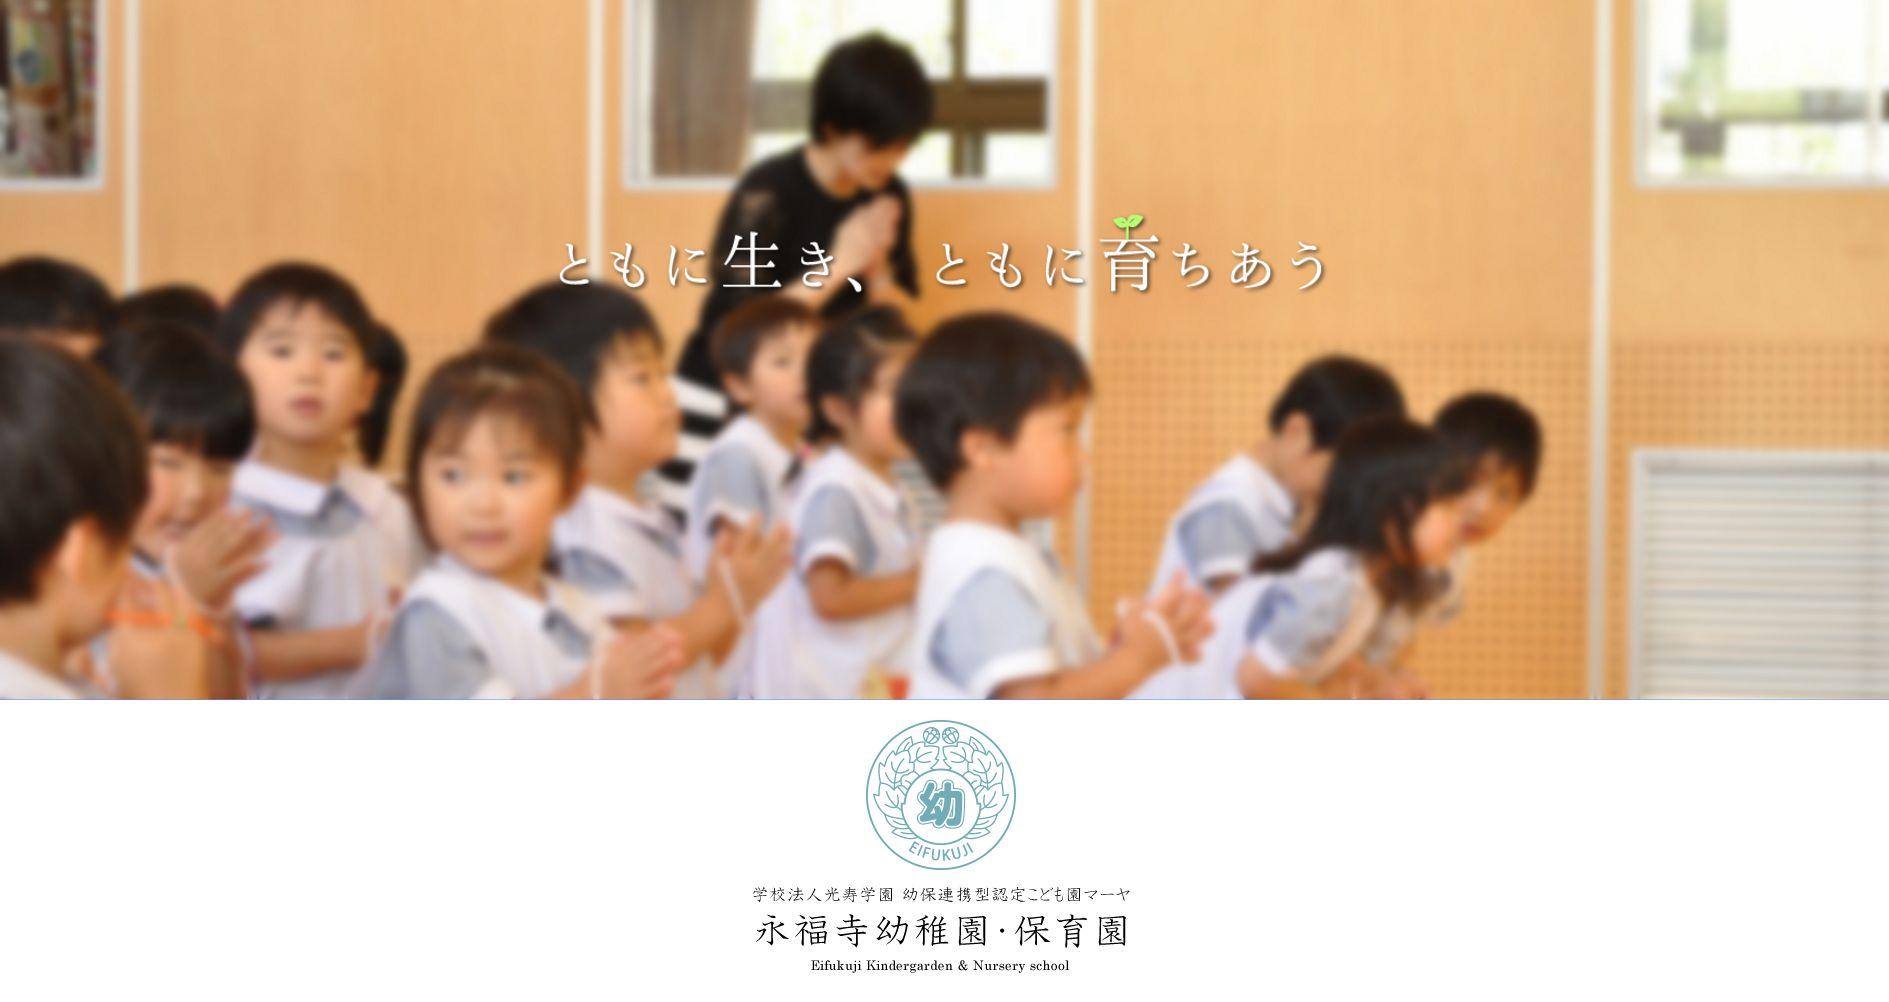 永福寺幼稚園・保育園